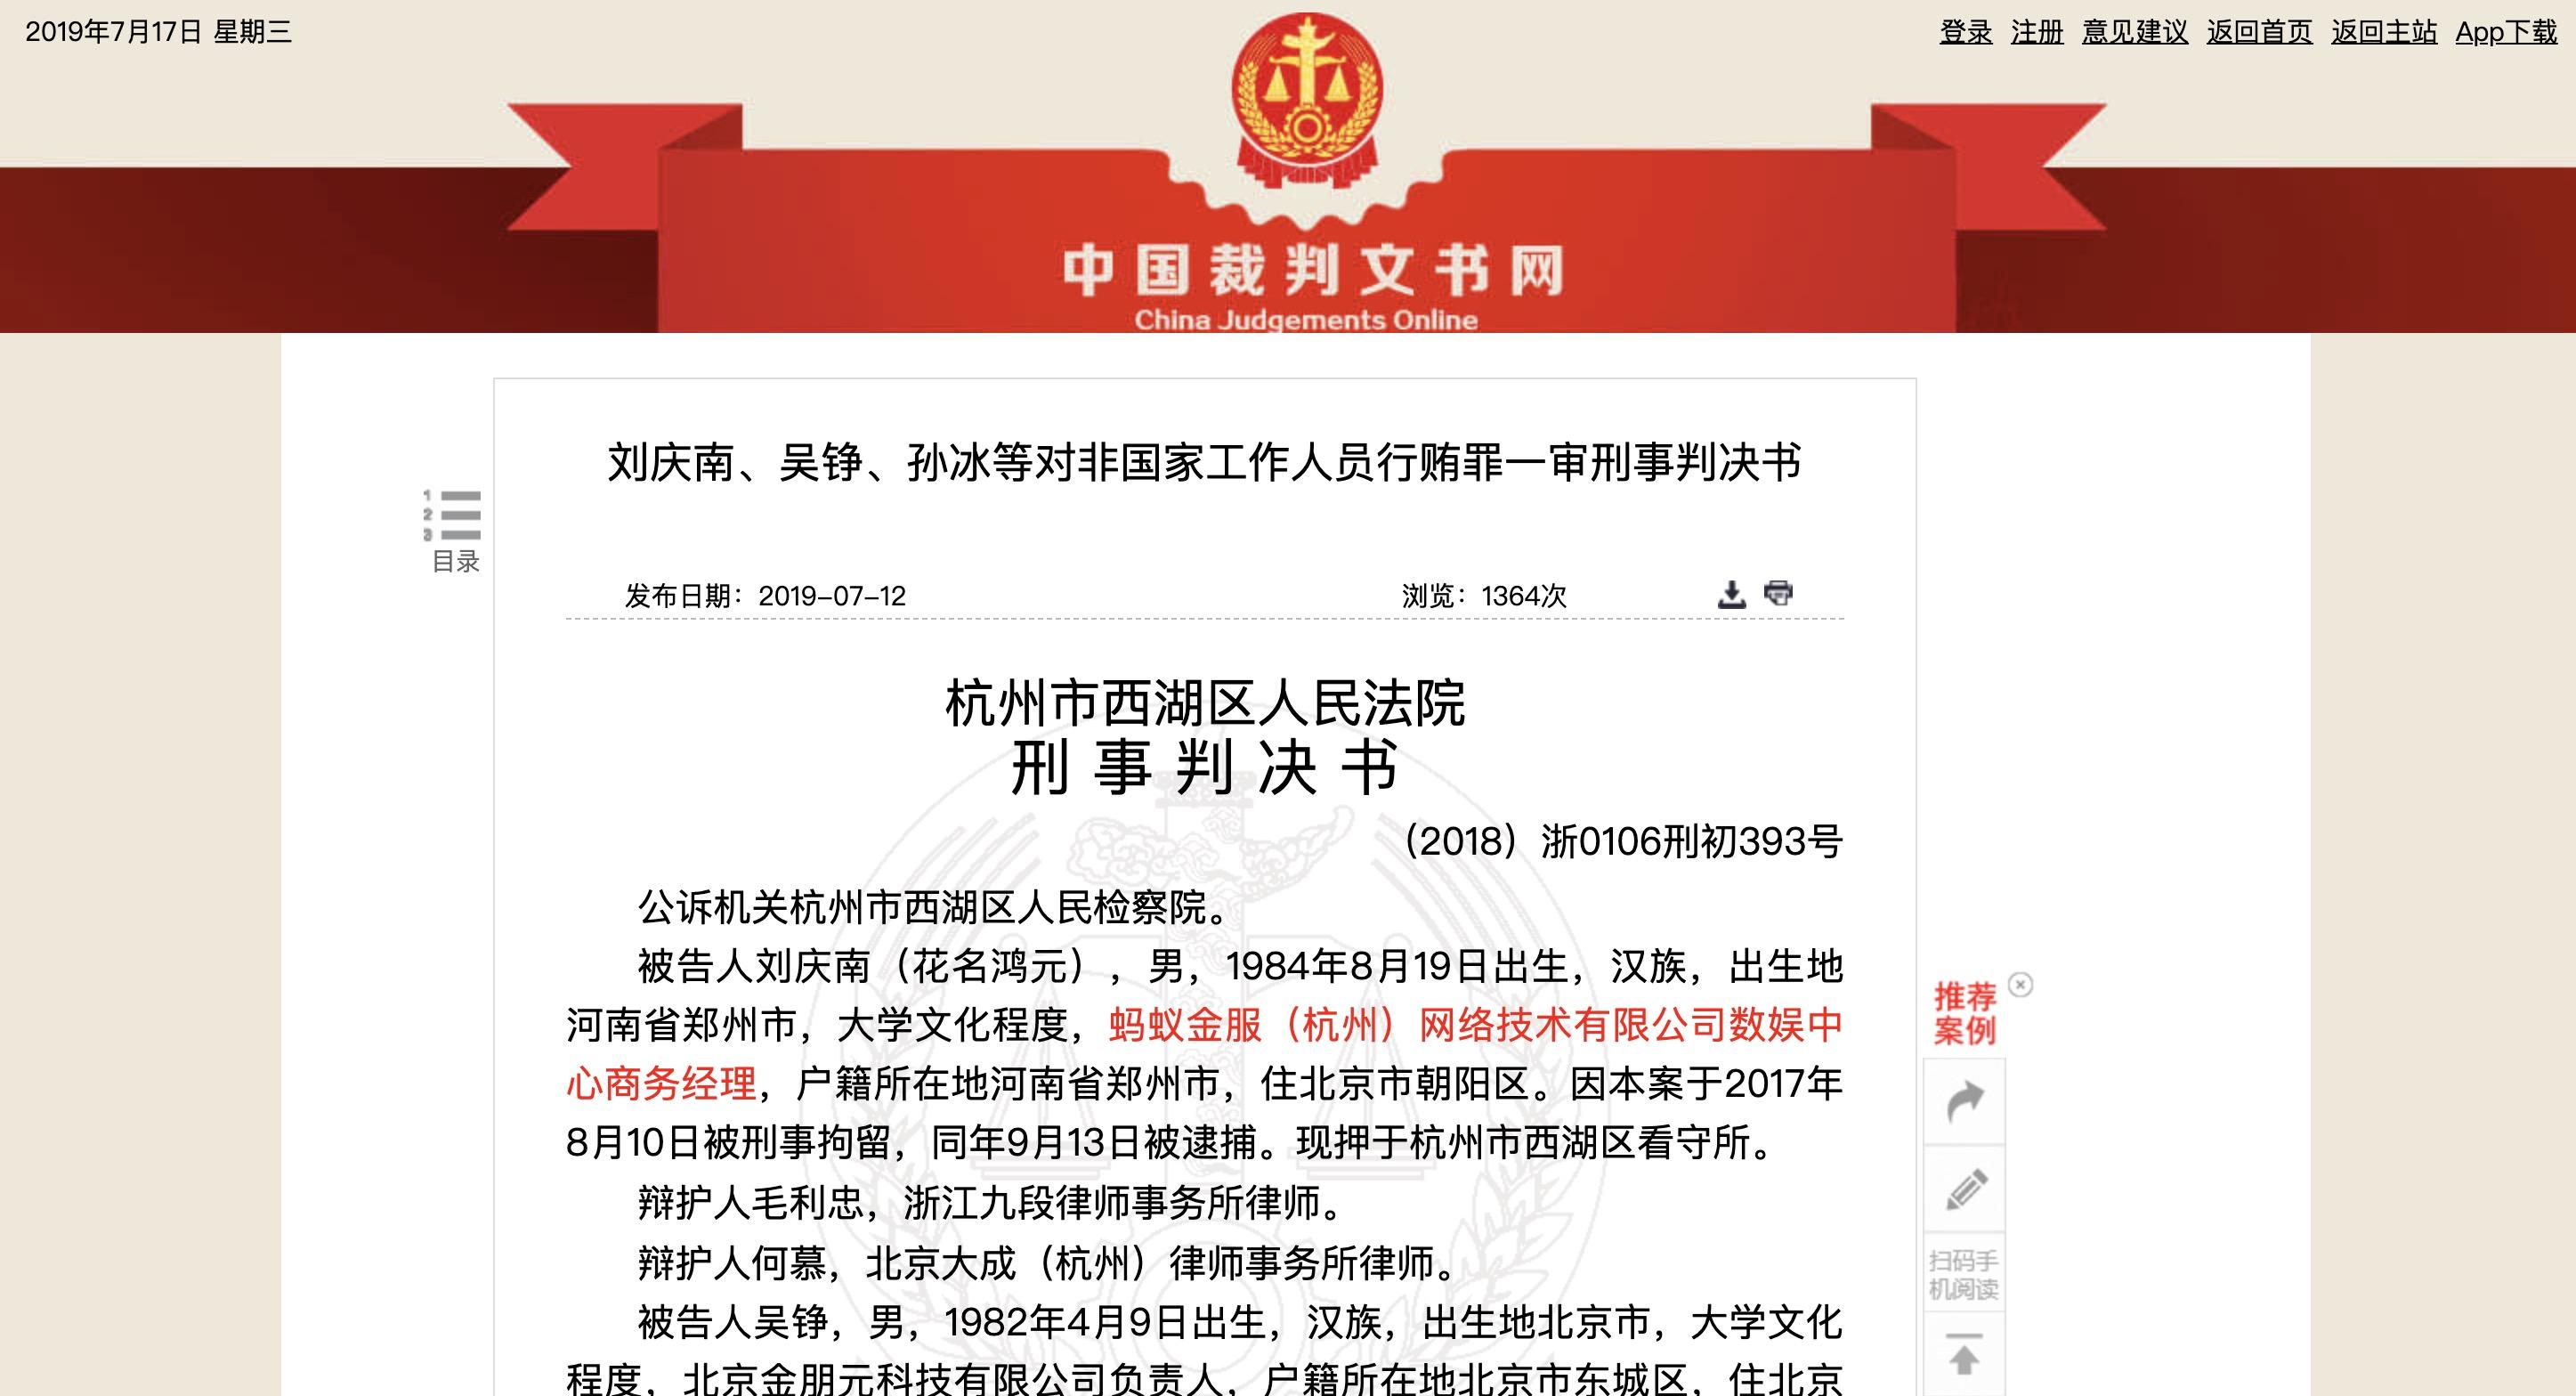 蚂蚁金服员工受贿超1300万元 北京盛付通、金朋元相关负责人涉案